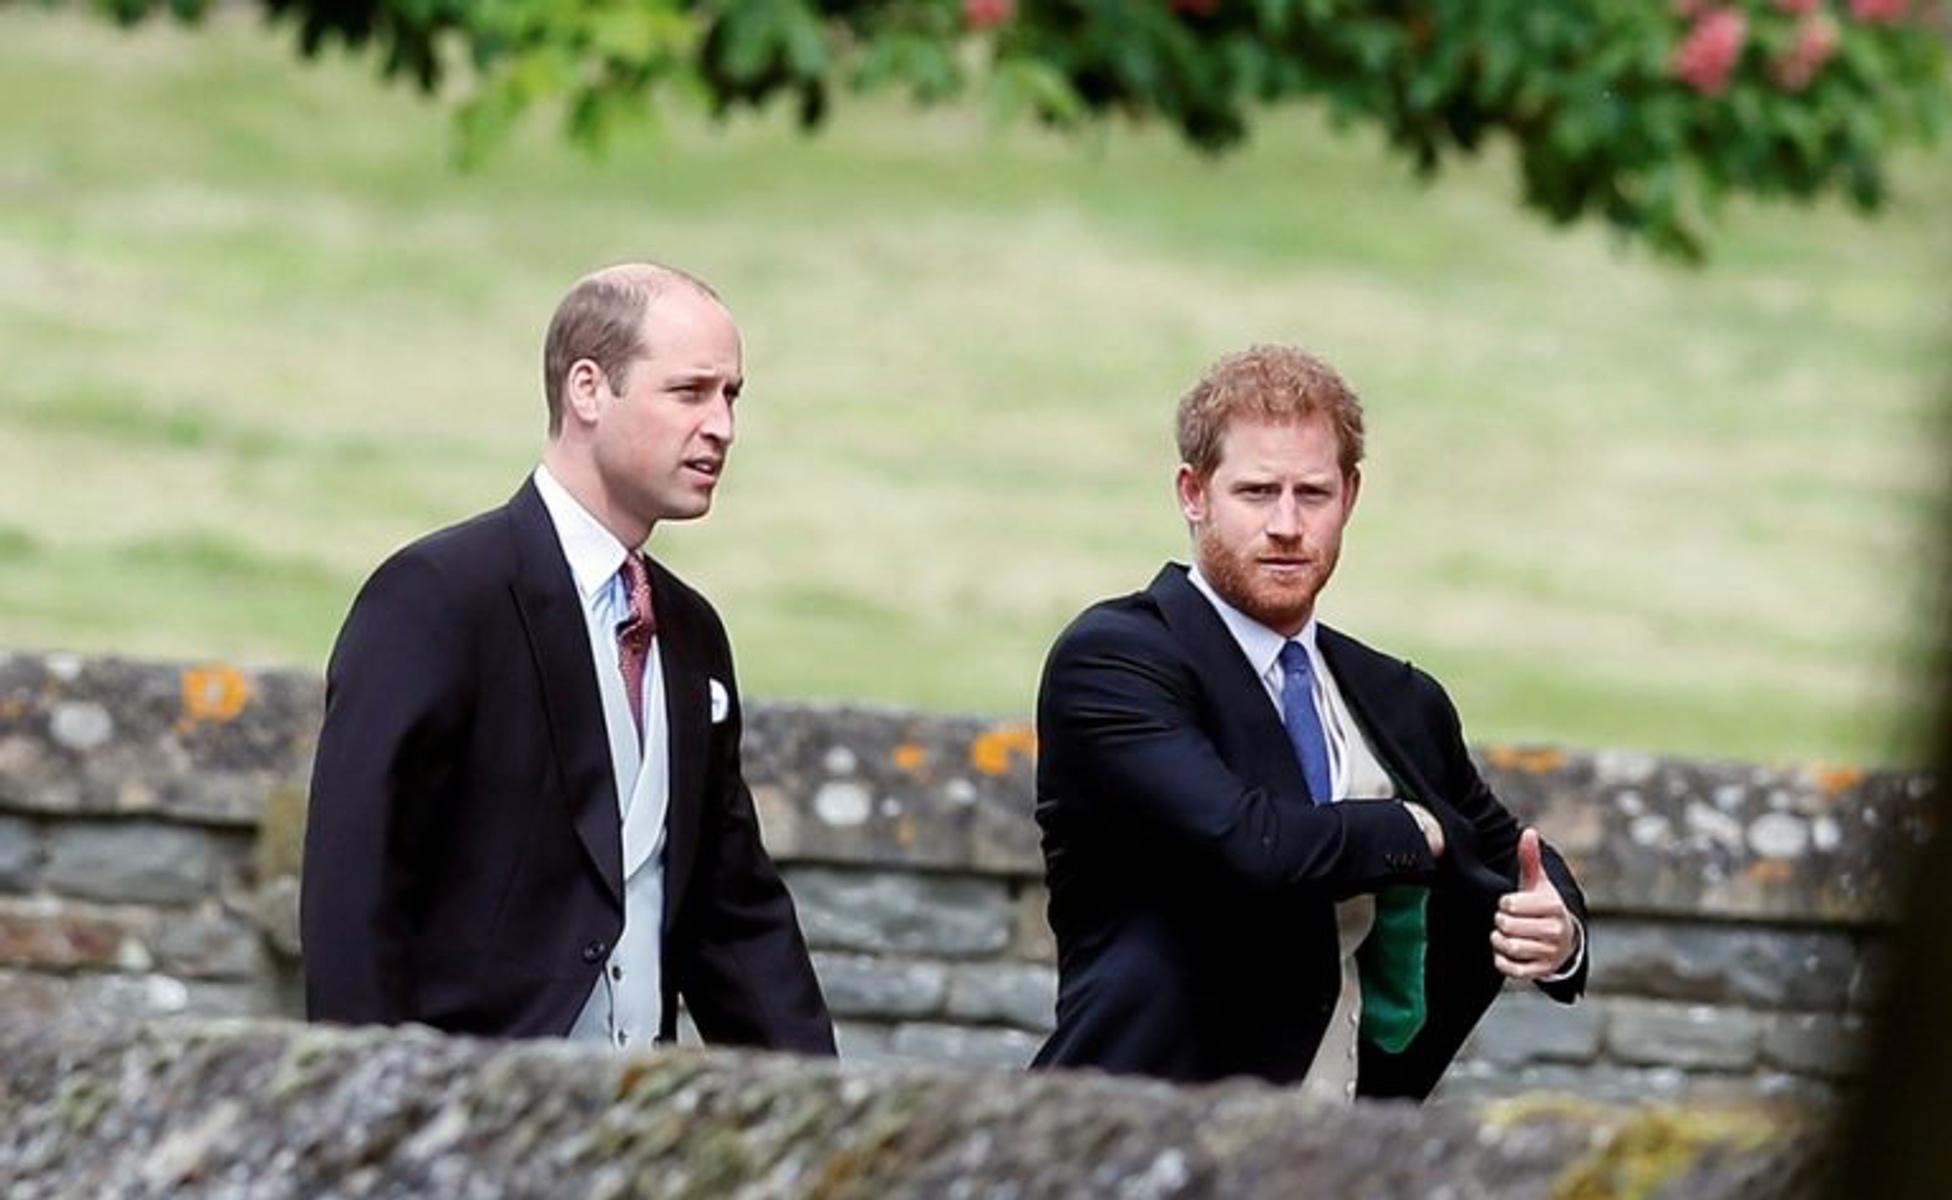 Αυτή είναι η ευκαιρία για να συμφιλιωθούν οι πρίγκιπες Ουίλιαμ – Χάρι